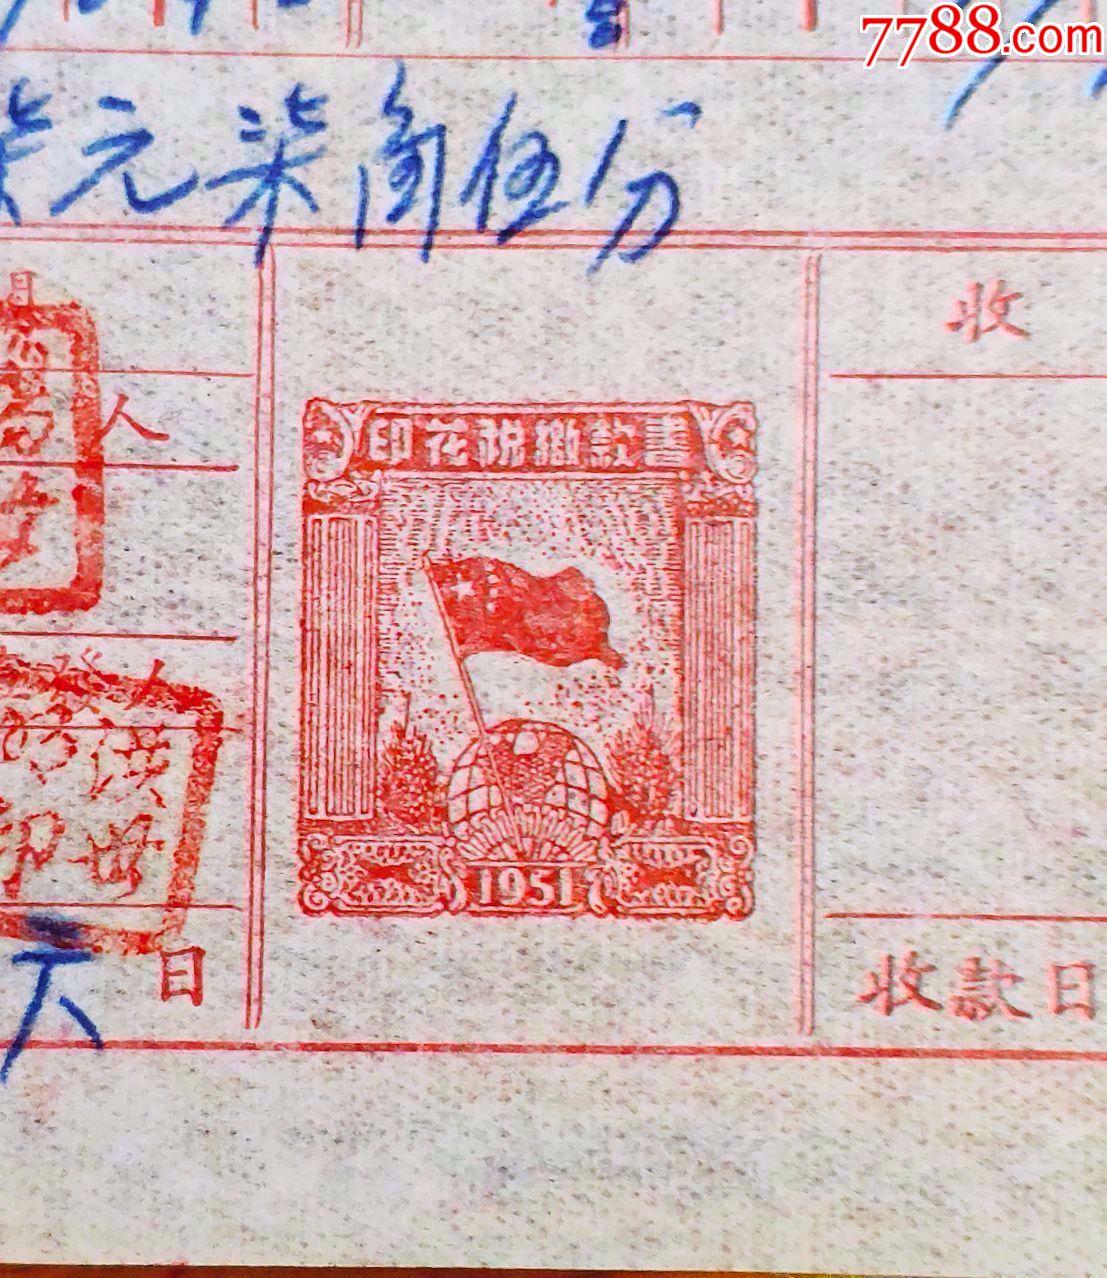 云南红色印花税缴款书(au20956383)_